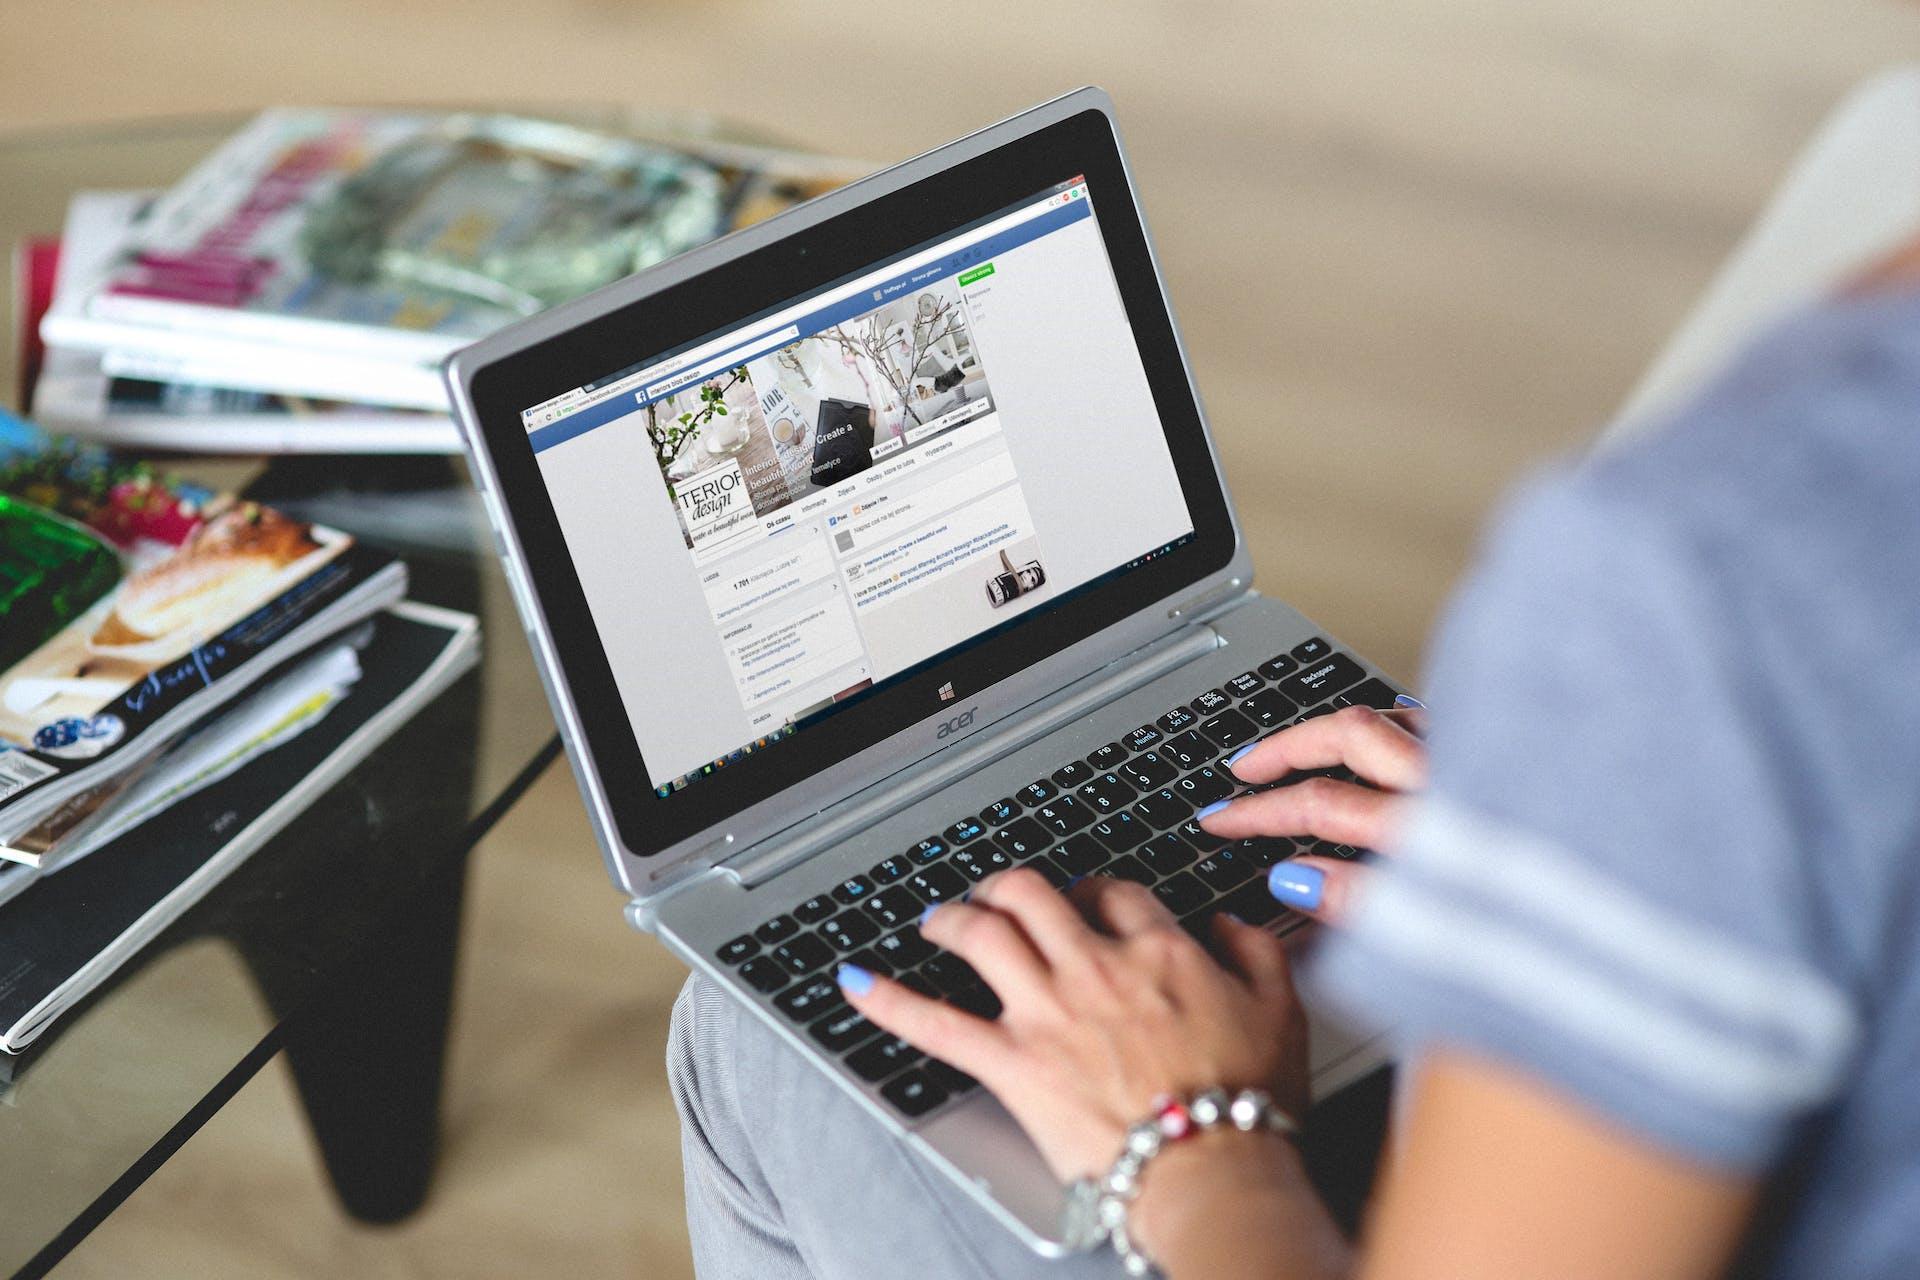 ¿Cómo cambiar el nombre de mi página de Facebook en simples pasos?